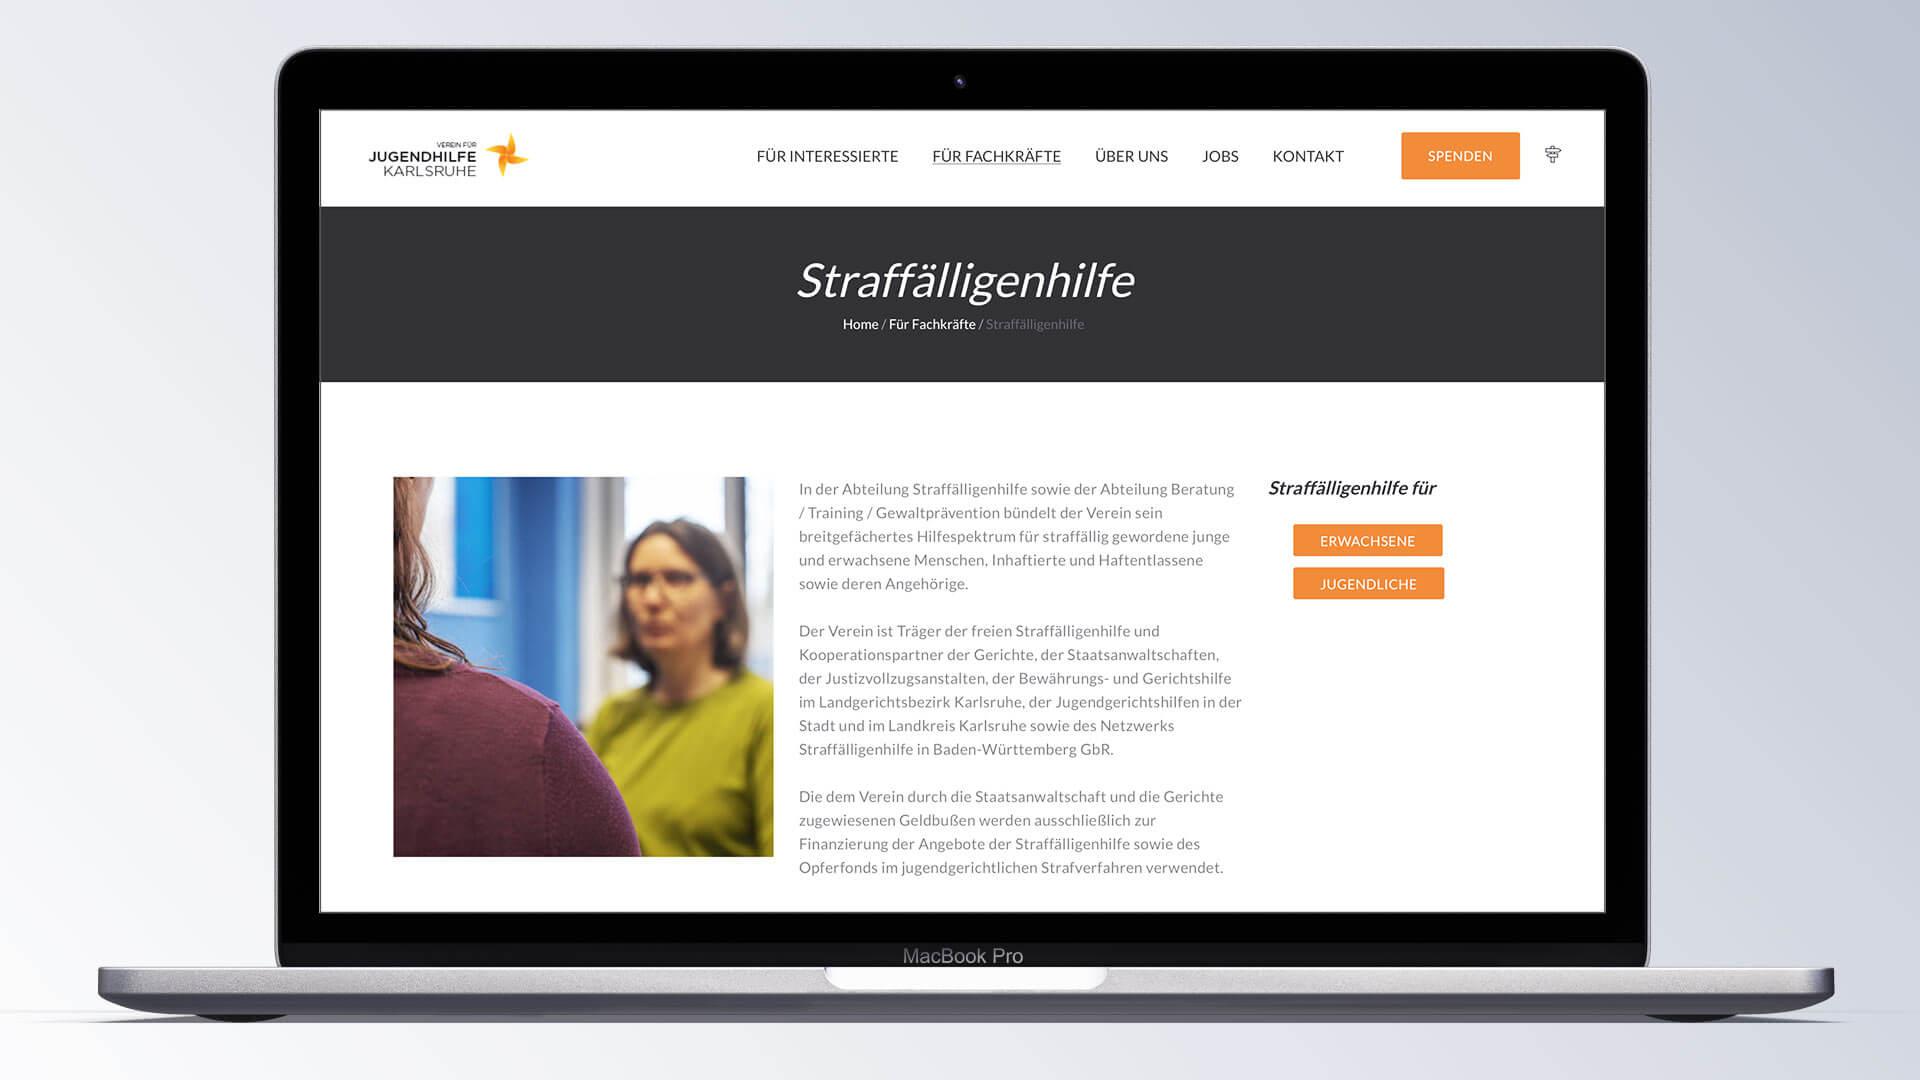 Verein für Jugendhilfe Karlsruhe e.V. Internetseite